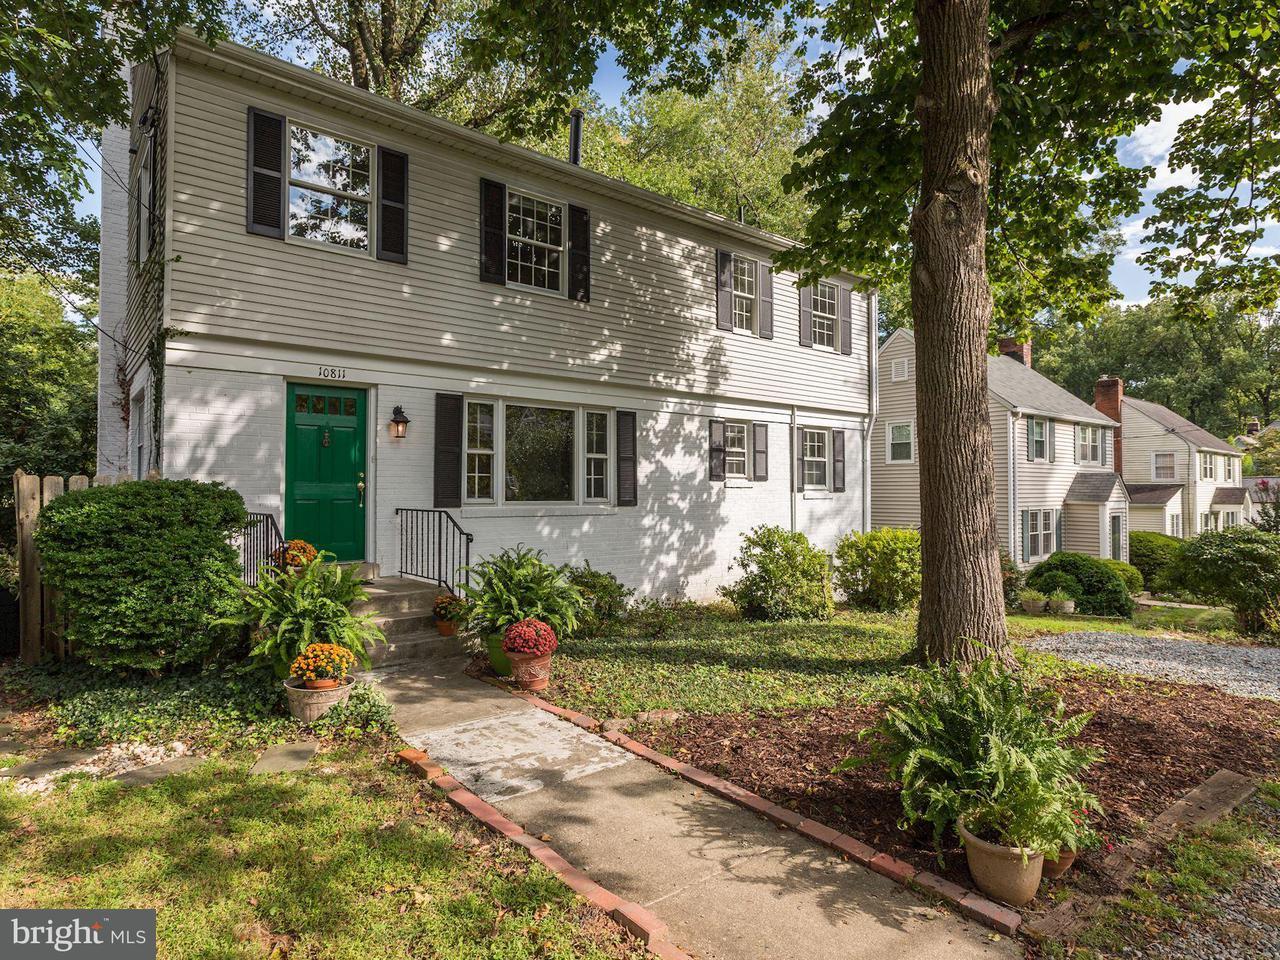 Частный односемейный дом для того Продажа на 10811 KESWICK Street 10811 KESWICK Street Garrett Park, Мэриленд 20896 Соединенные Штаты